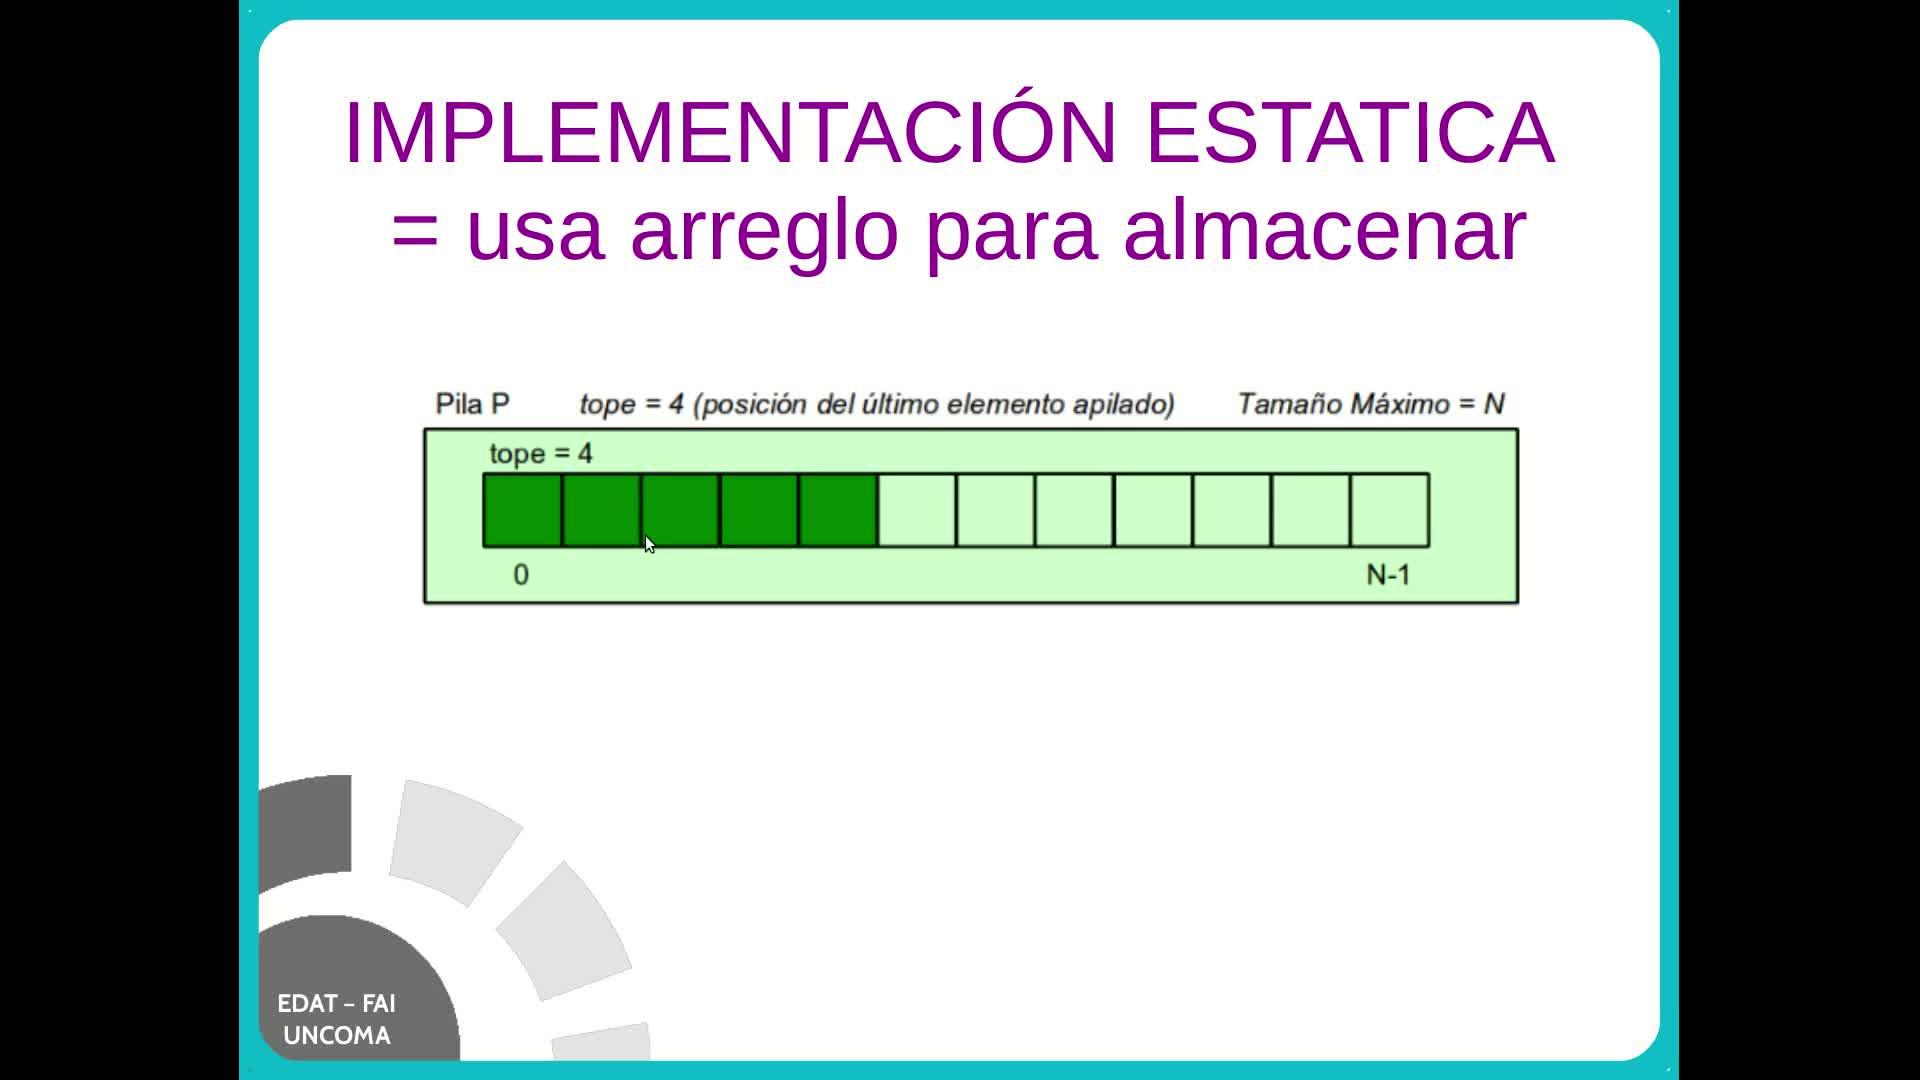 EDAT - Video 2.1 - Pila (implementación estática)